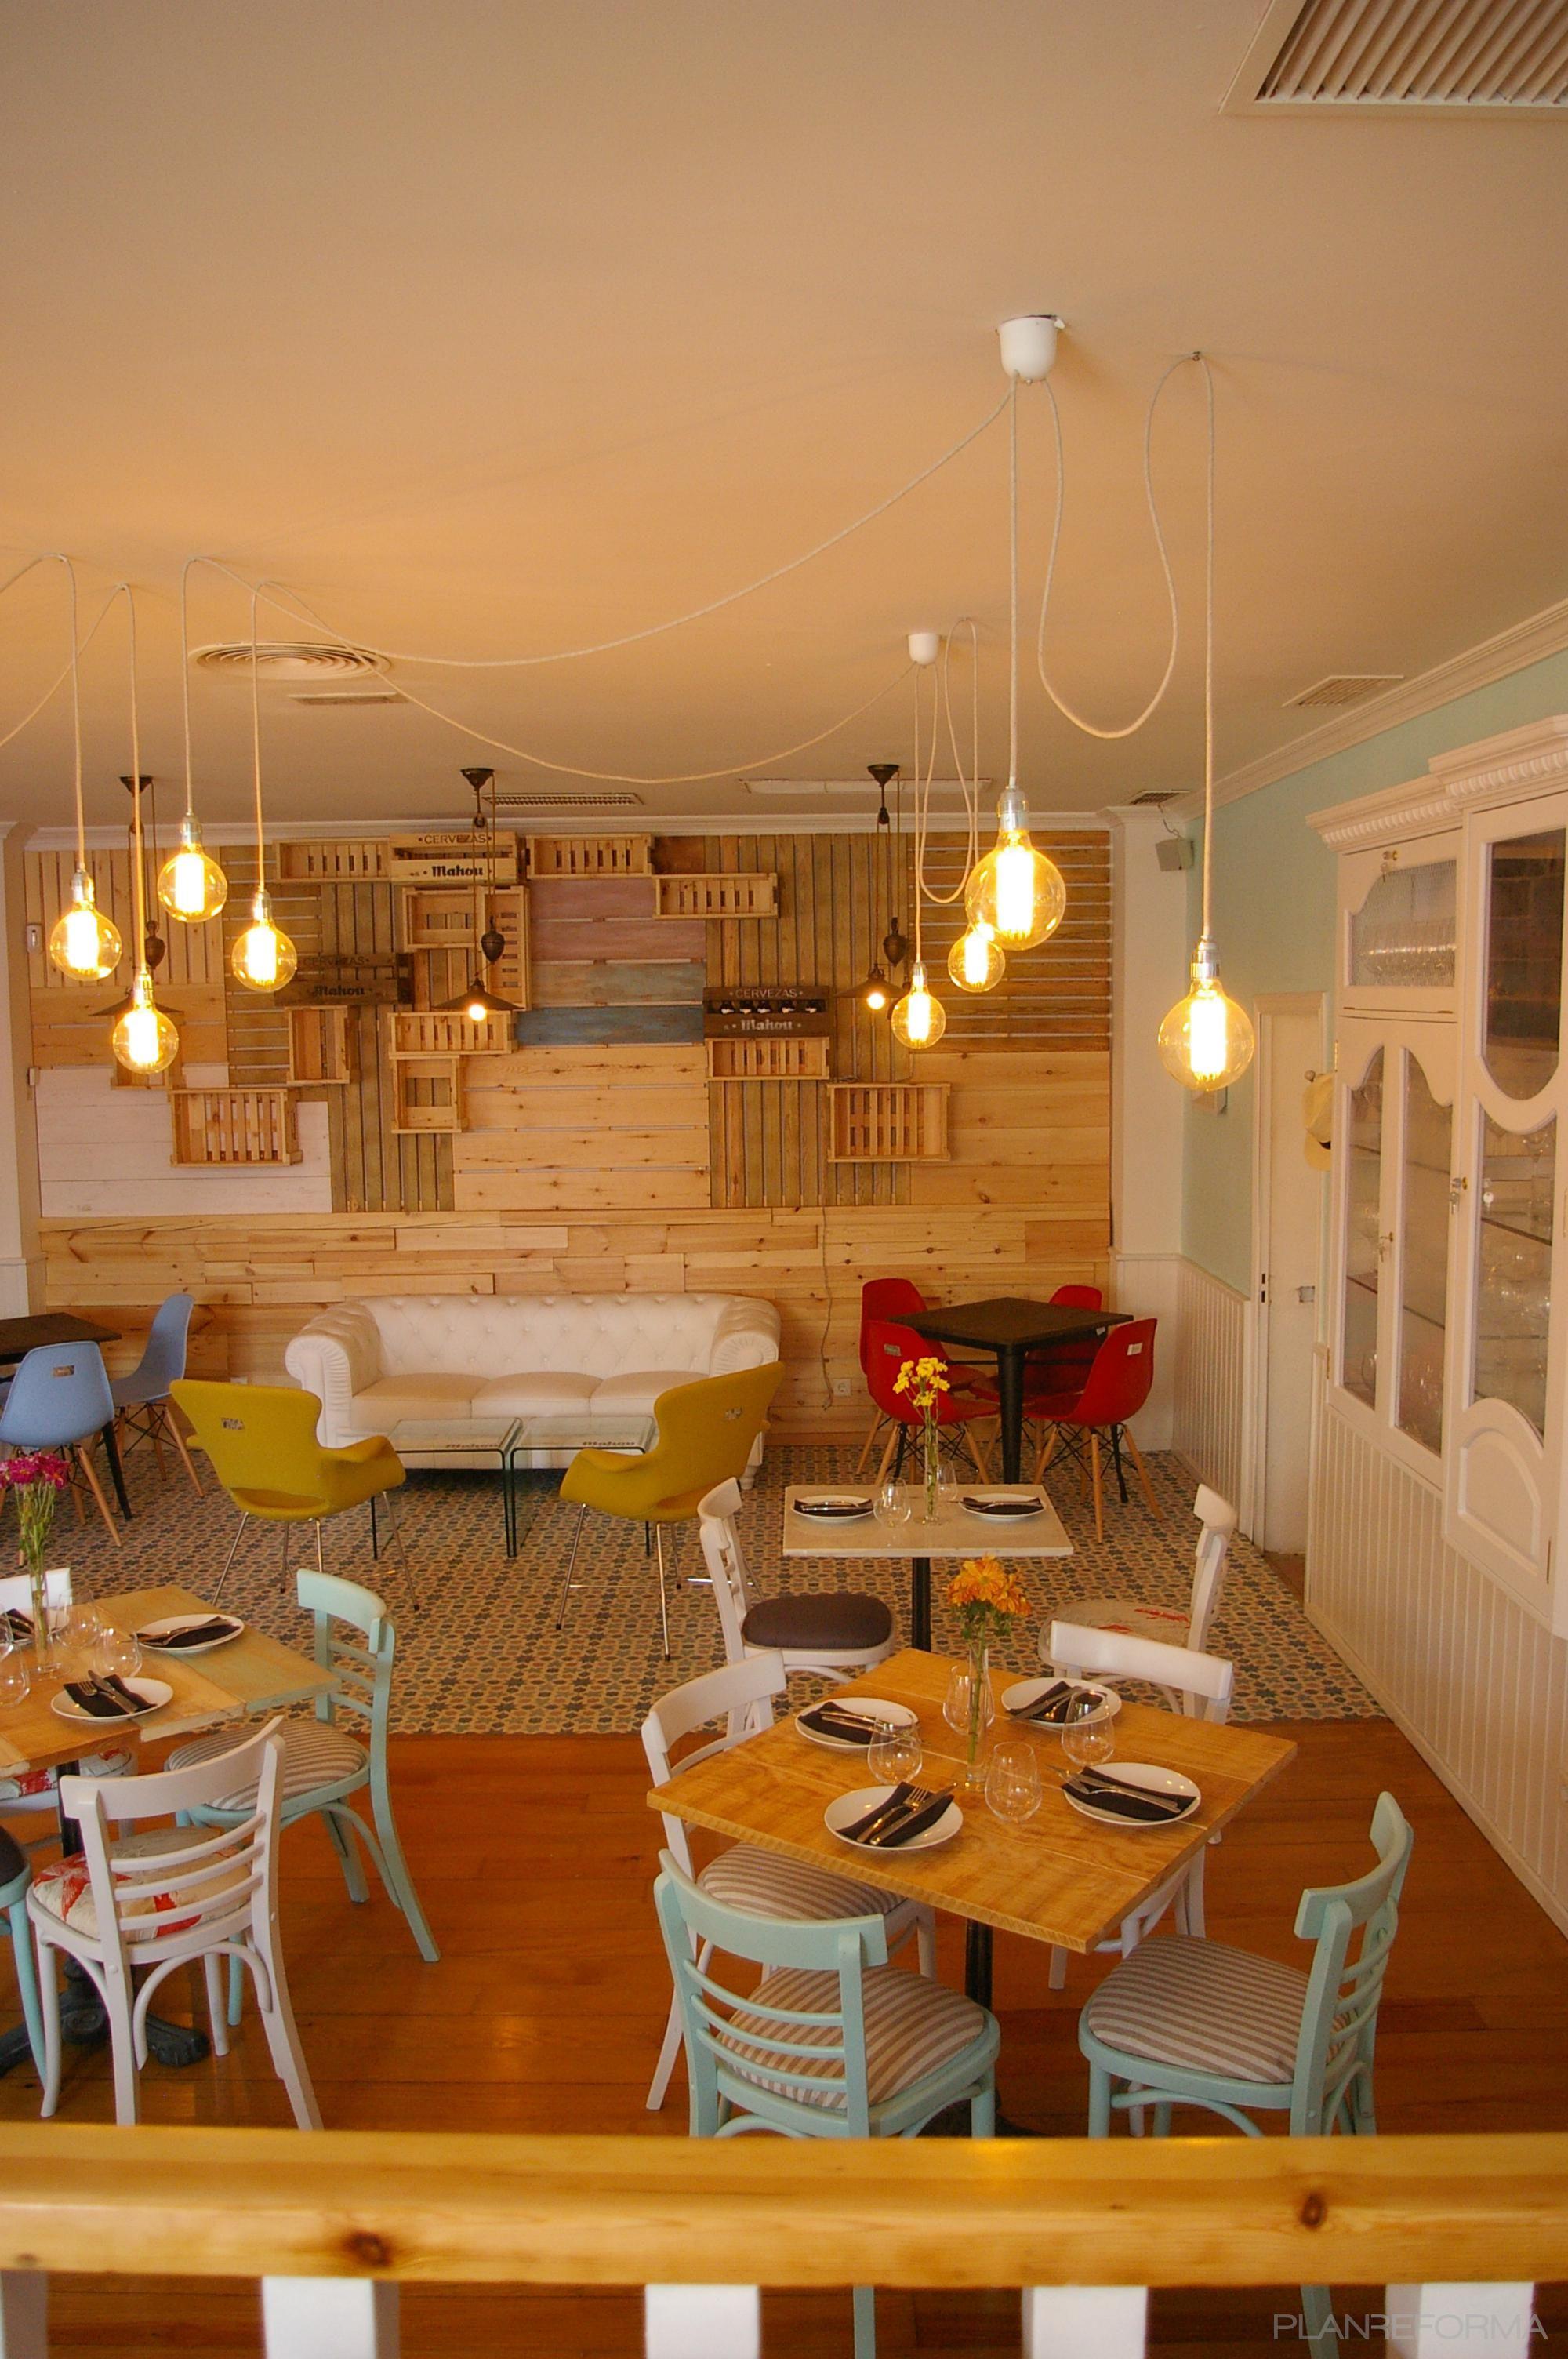 Comedor, Restaurante Estilo eclectico Color rojo, amarillo, azul ...